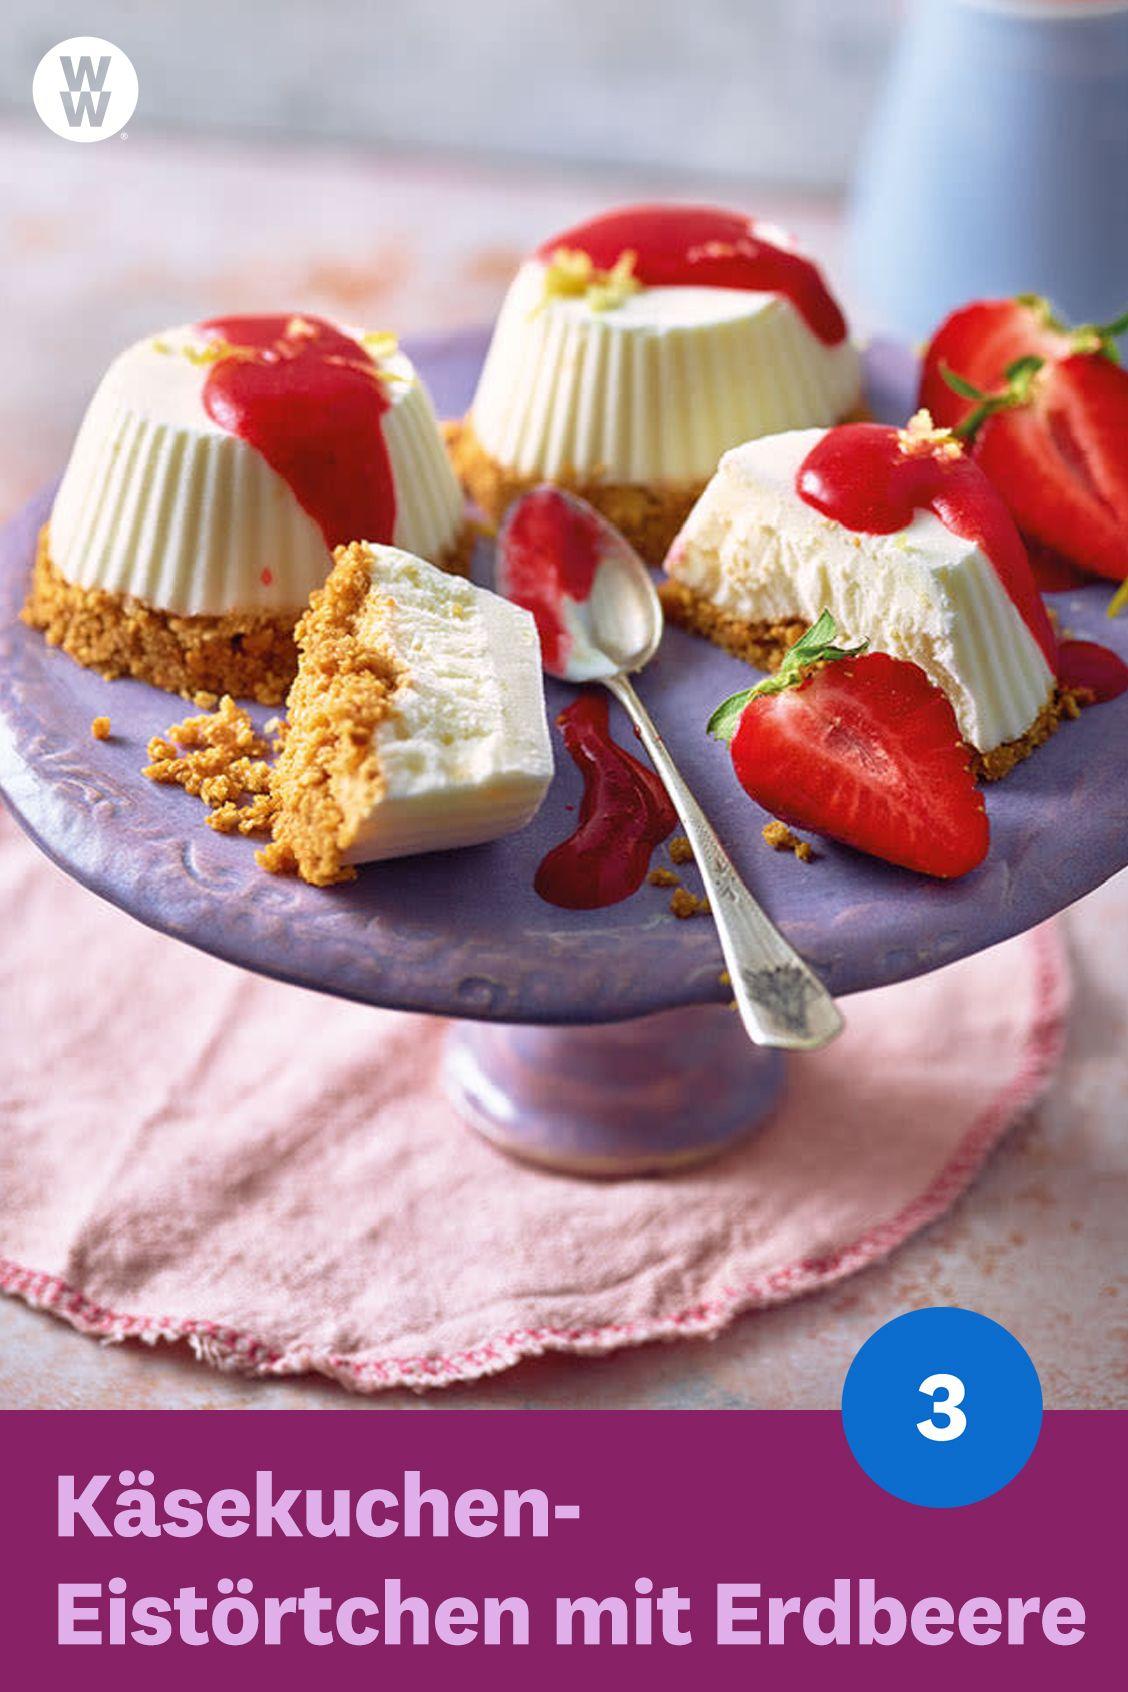 Käsekuchen-Eistörtchen mit Erdbeeren #grilleddesserts